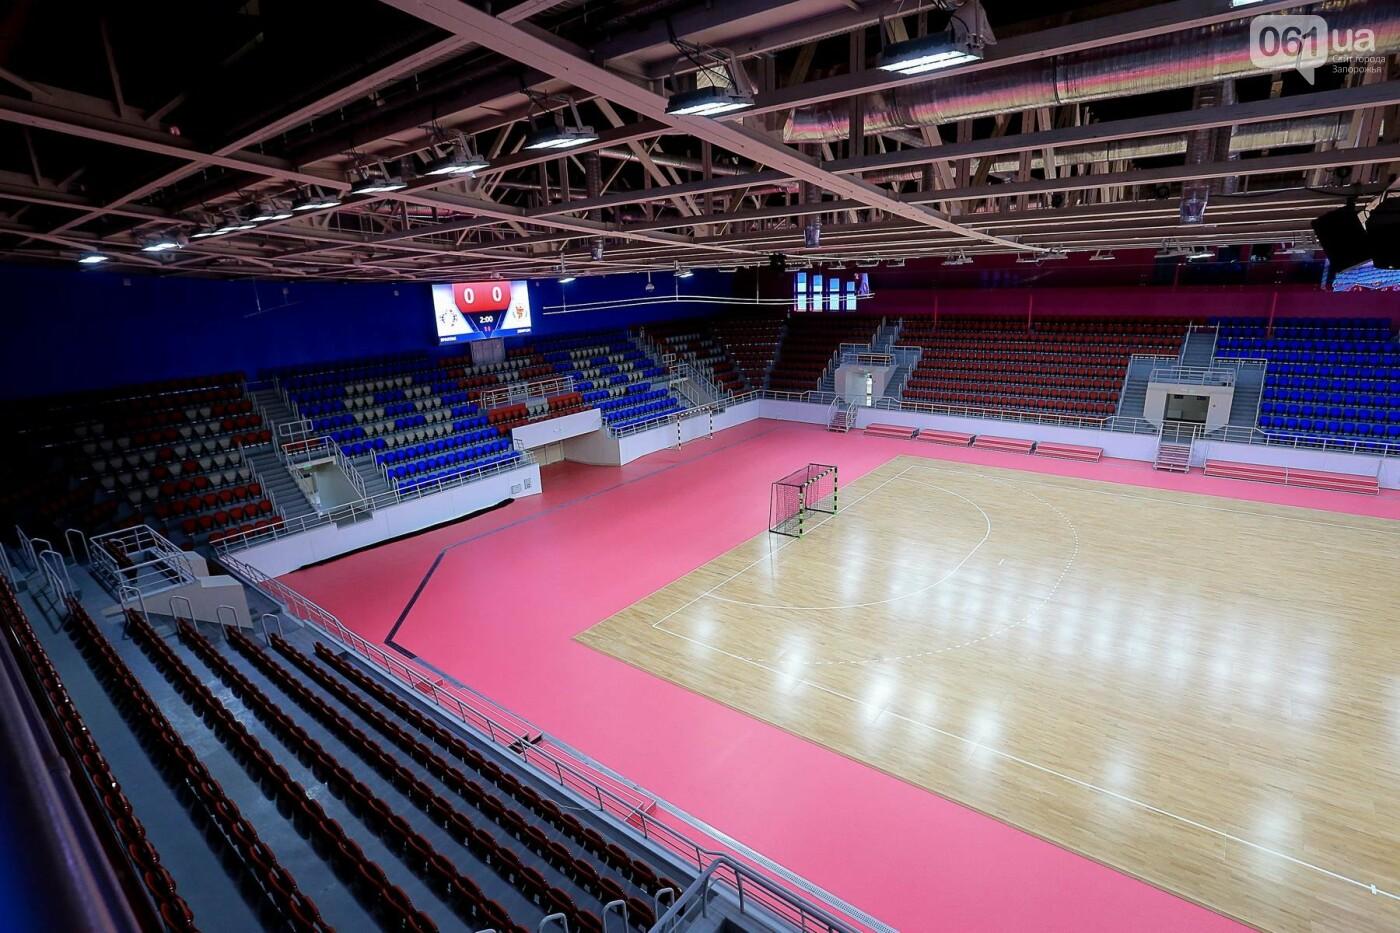 Представители Европейской гандбольной федерации проинспектировали запорожскую «Юность», - ФОТО, фото-4